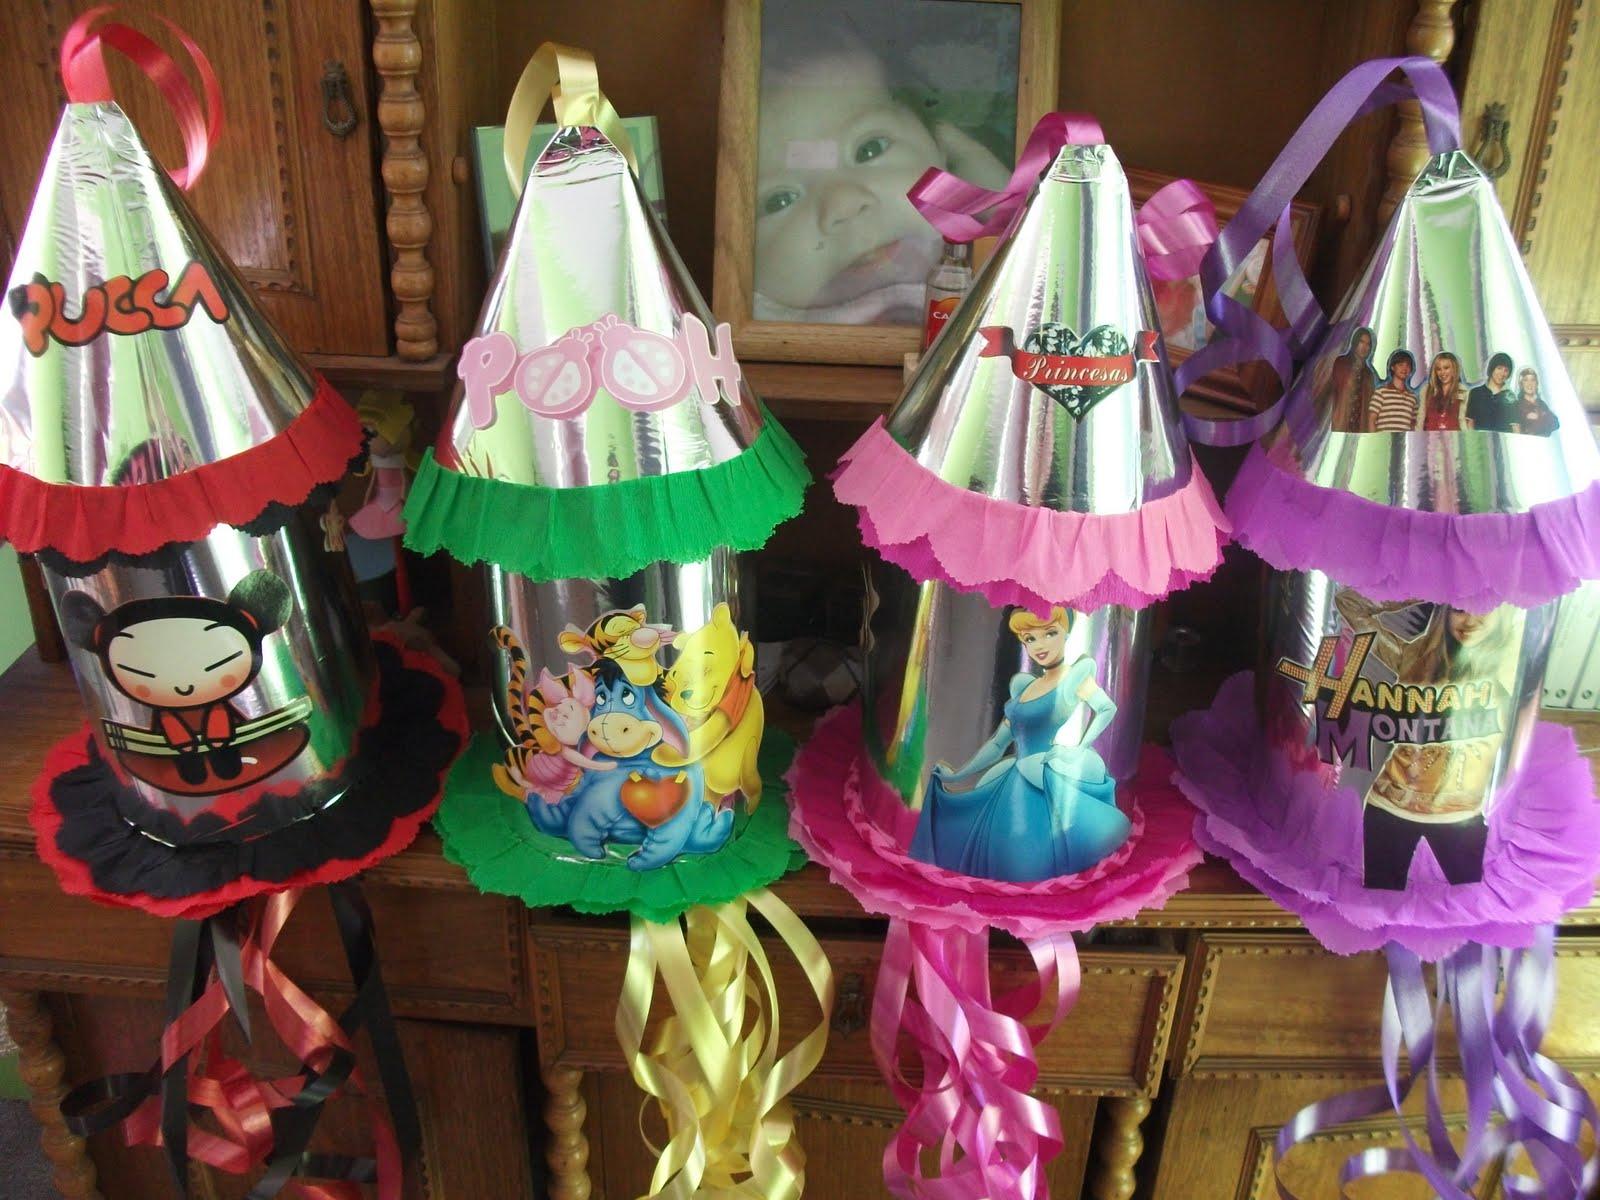 Mis Piñatas de Cohete (Hanna Montana, Winnie Pooh, Pucca y Cenicienta